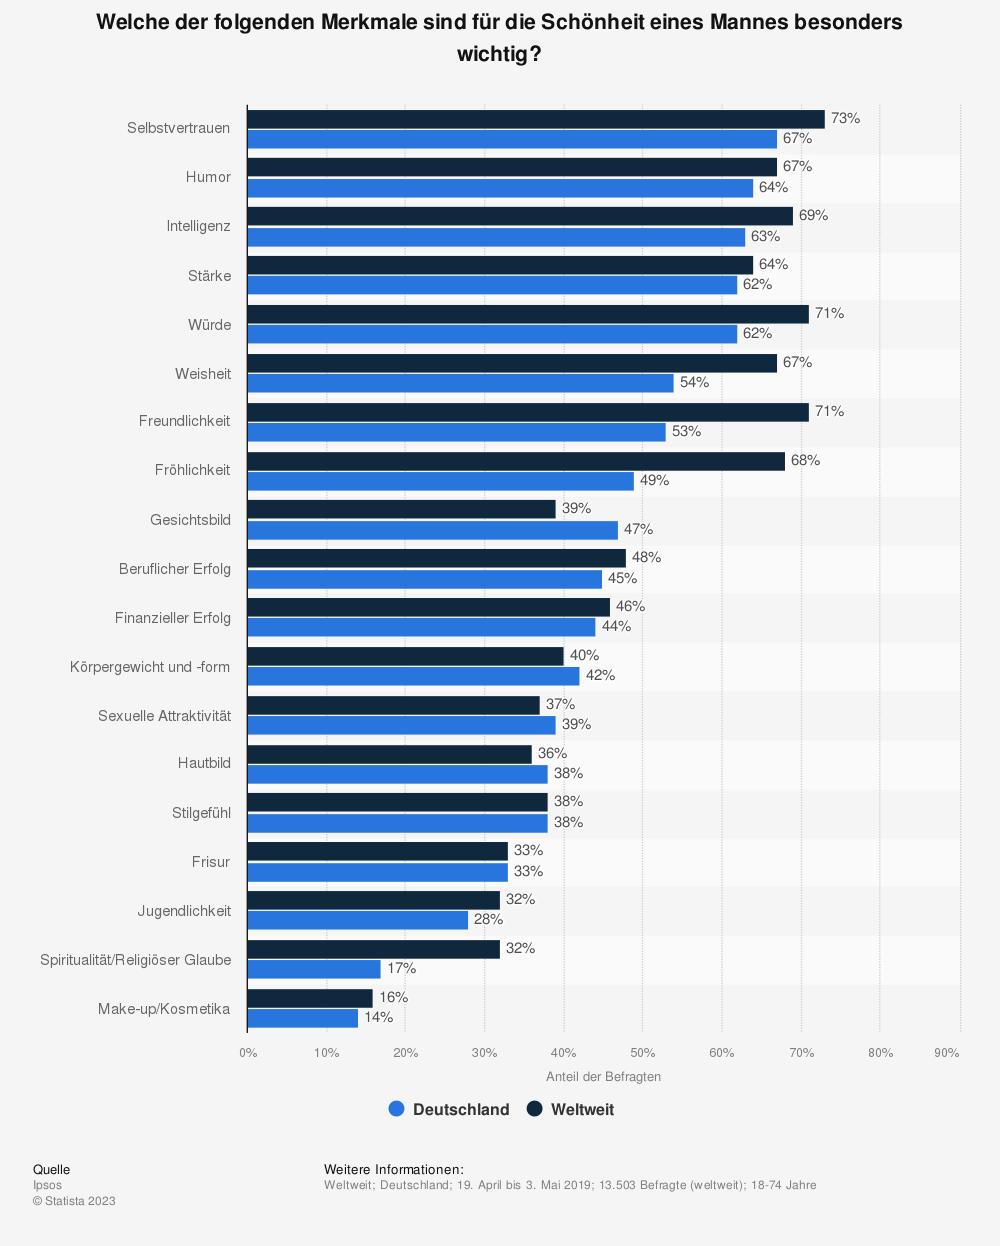 Statistik: Welche der folgenden Merkmale sind für die Schönheit eines Mannes besonders wichtig? | Statista